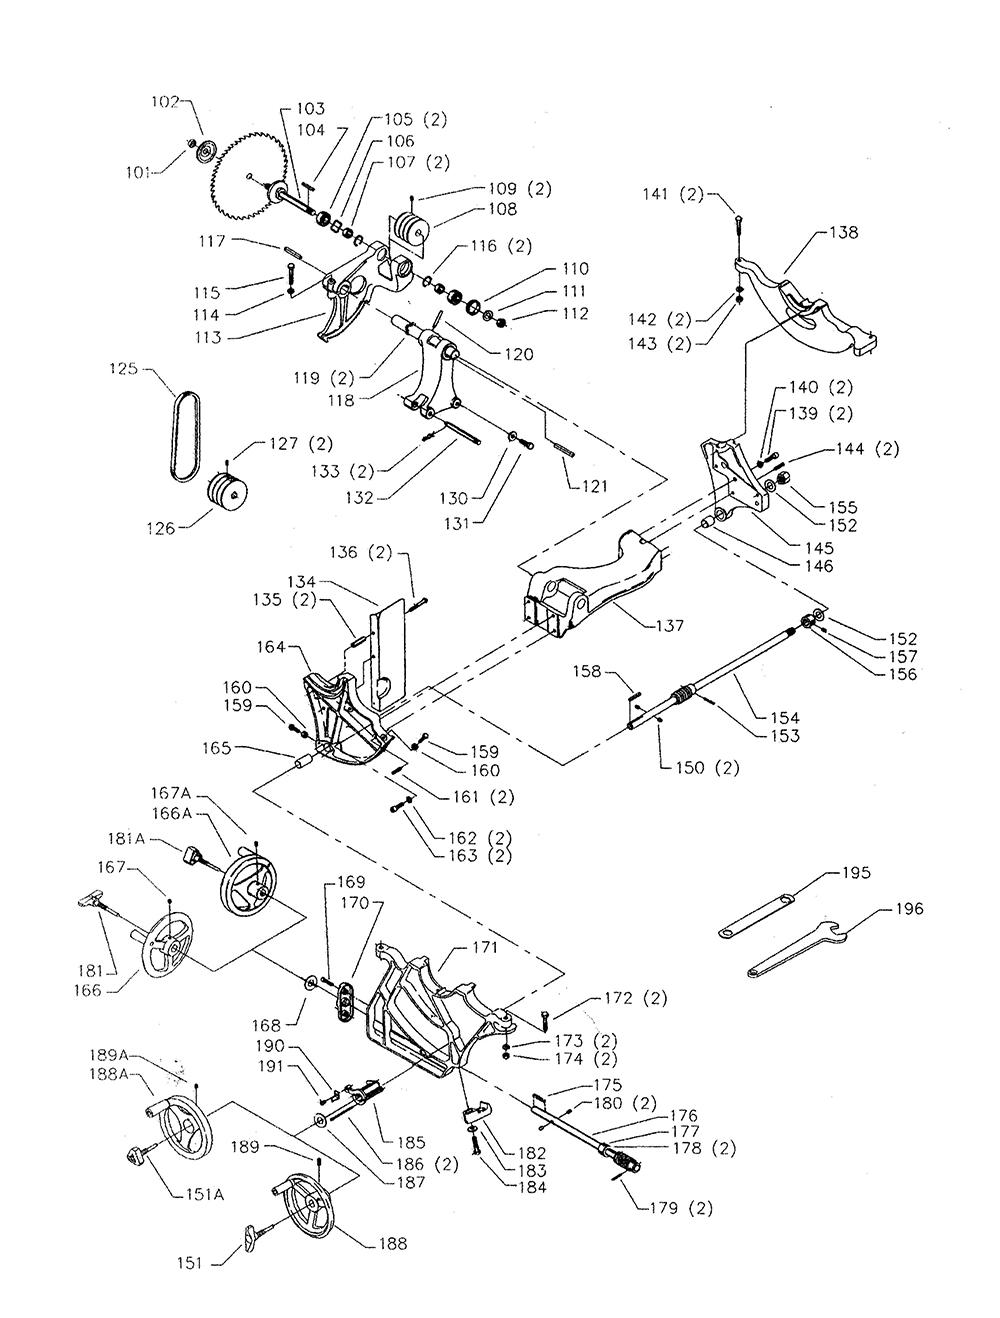 34-802-T4-Delta-PB-1Break Down